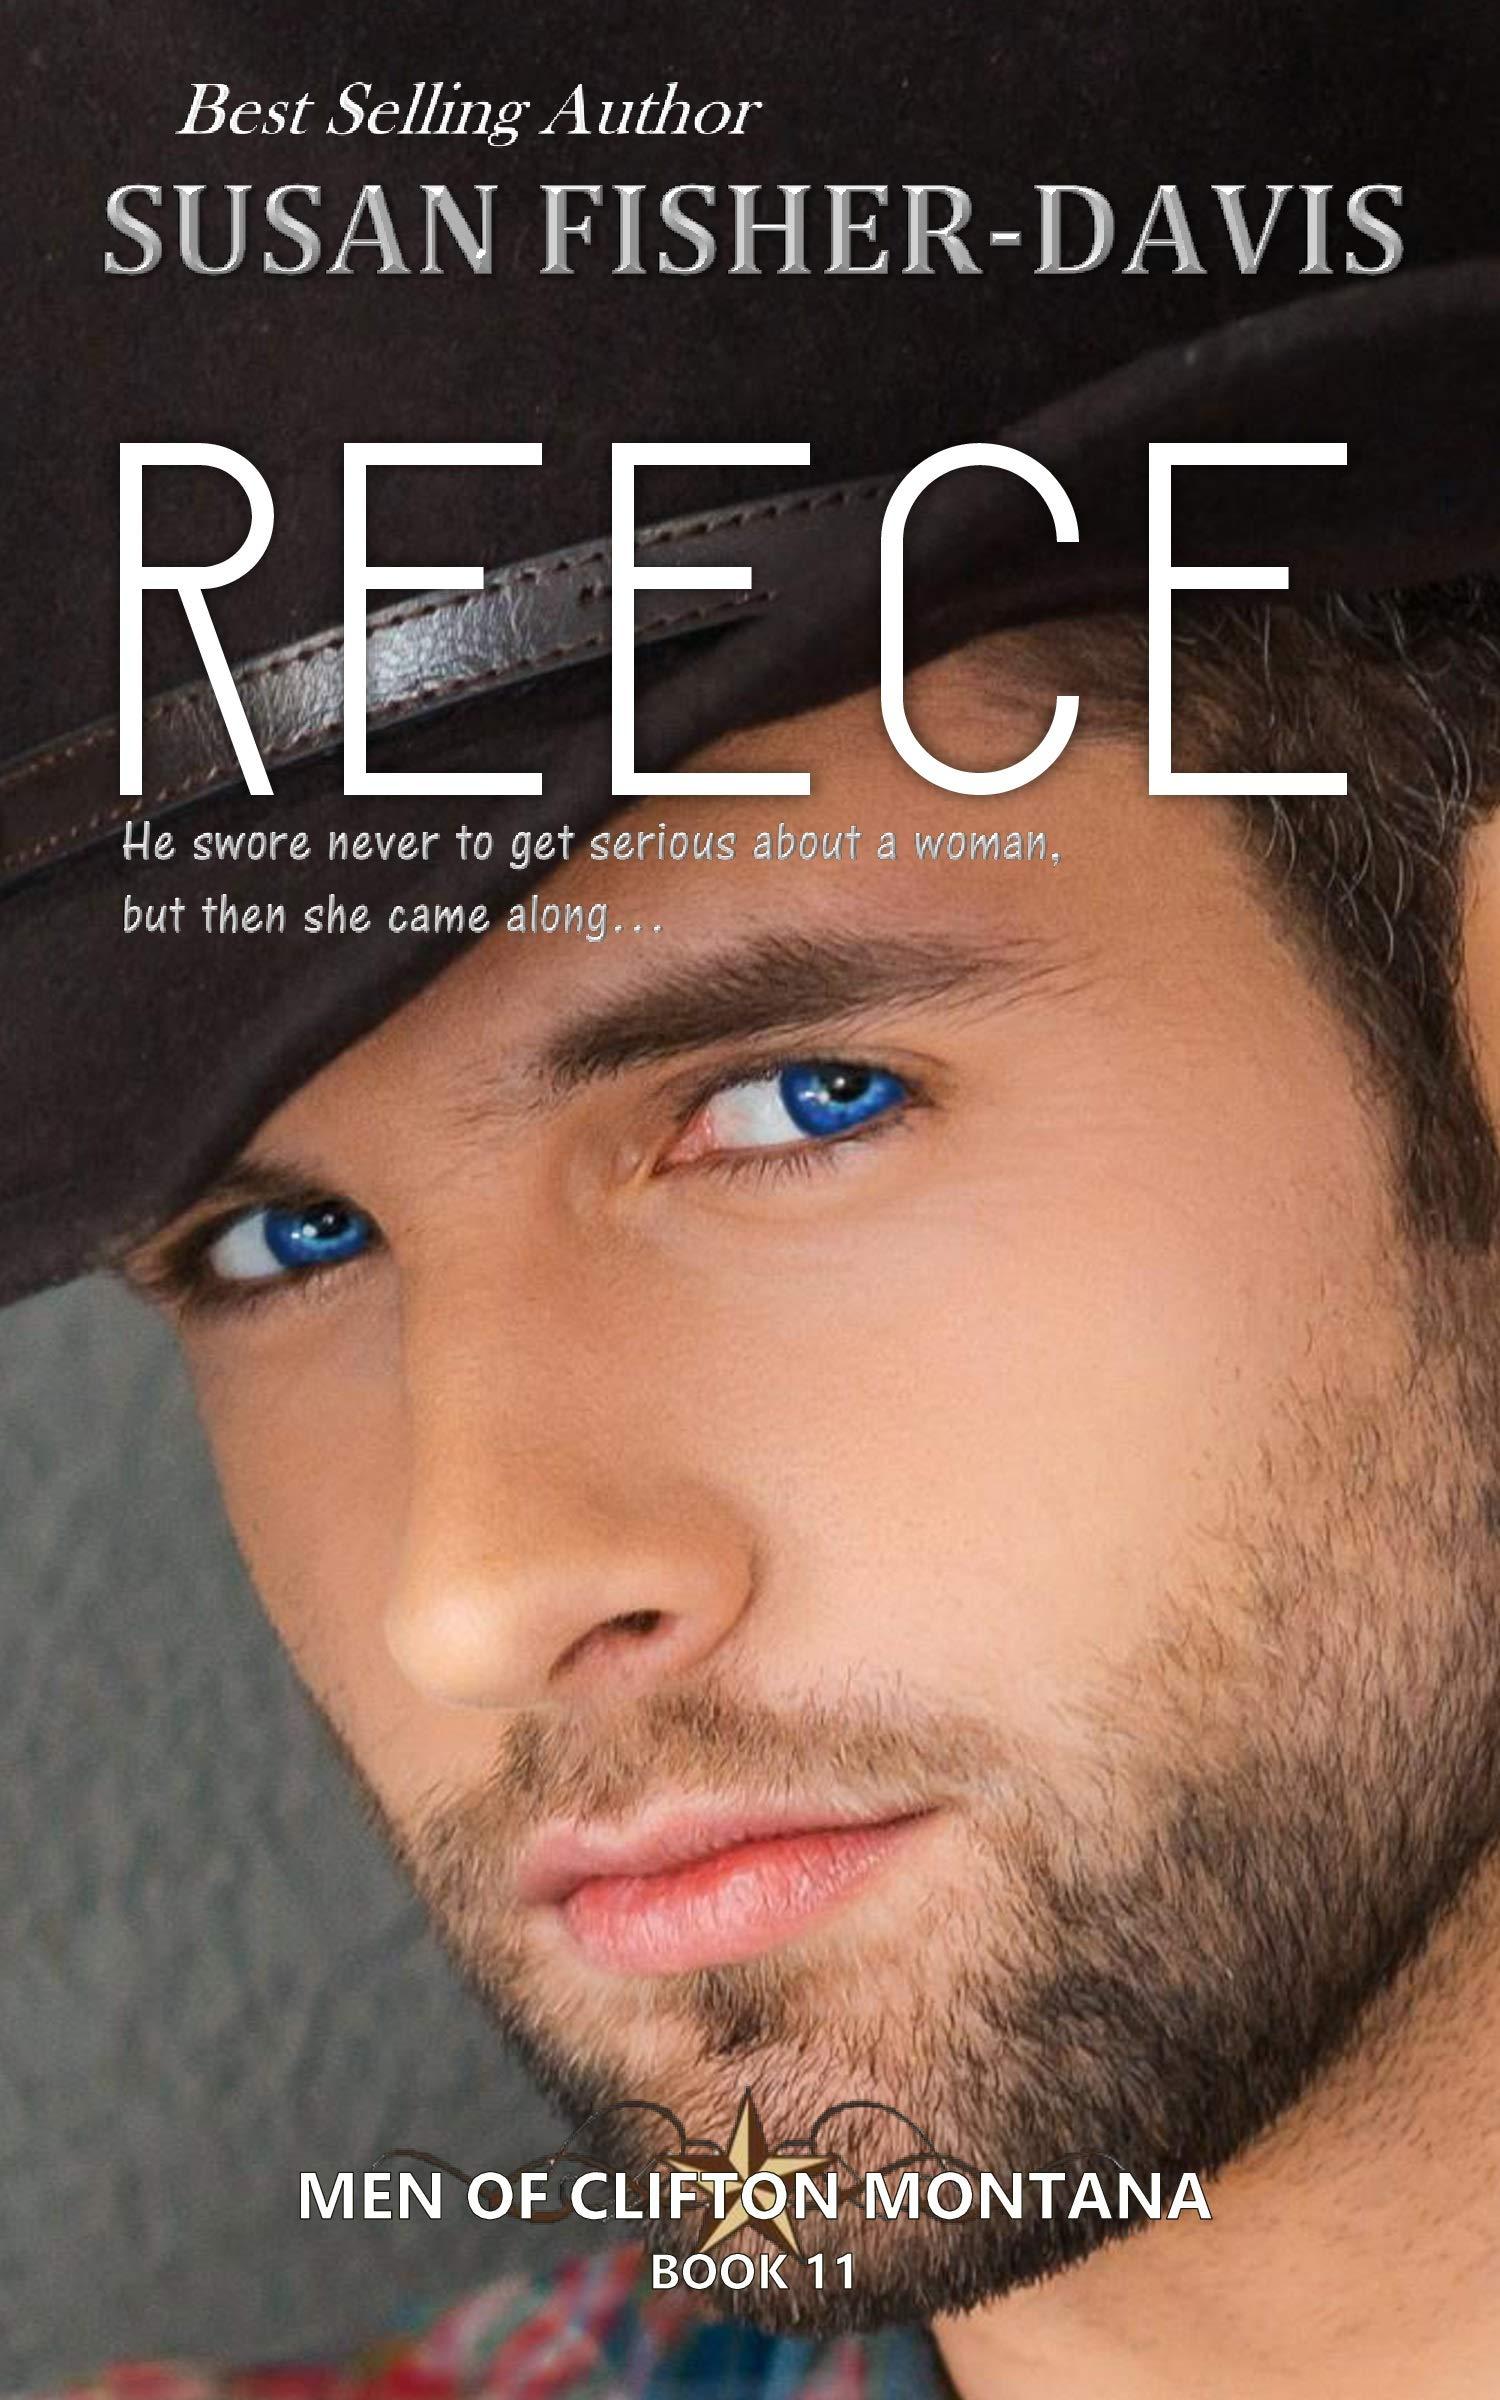 Reece Men of Clifton, Montana Book 11